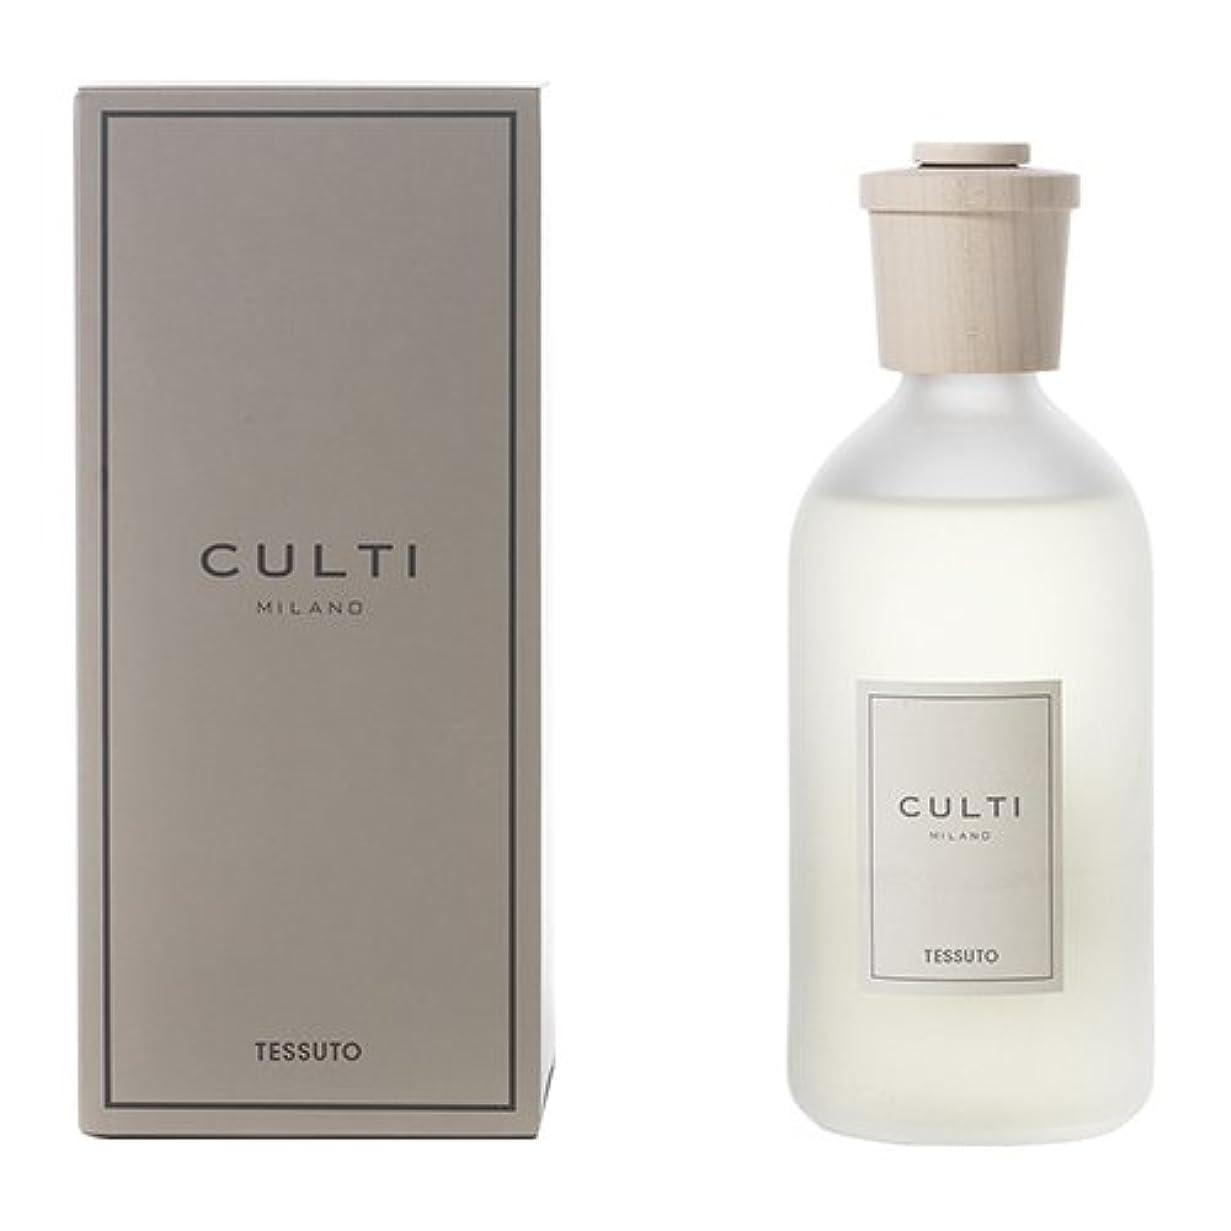 小道具連合生産的【CULTI】 クルティクラシック TESSUTO 1000ml (アロマディフューザー) [並行輸入品]